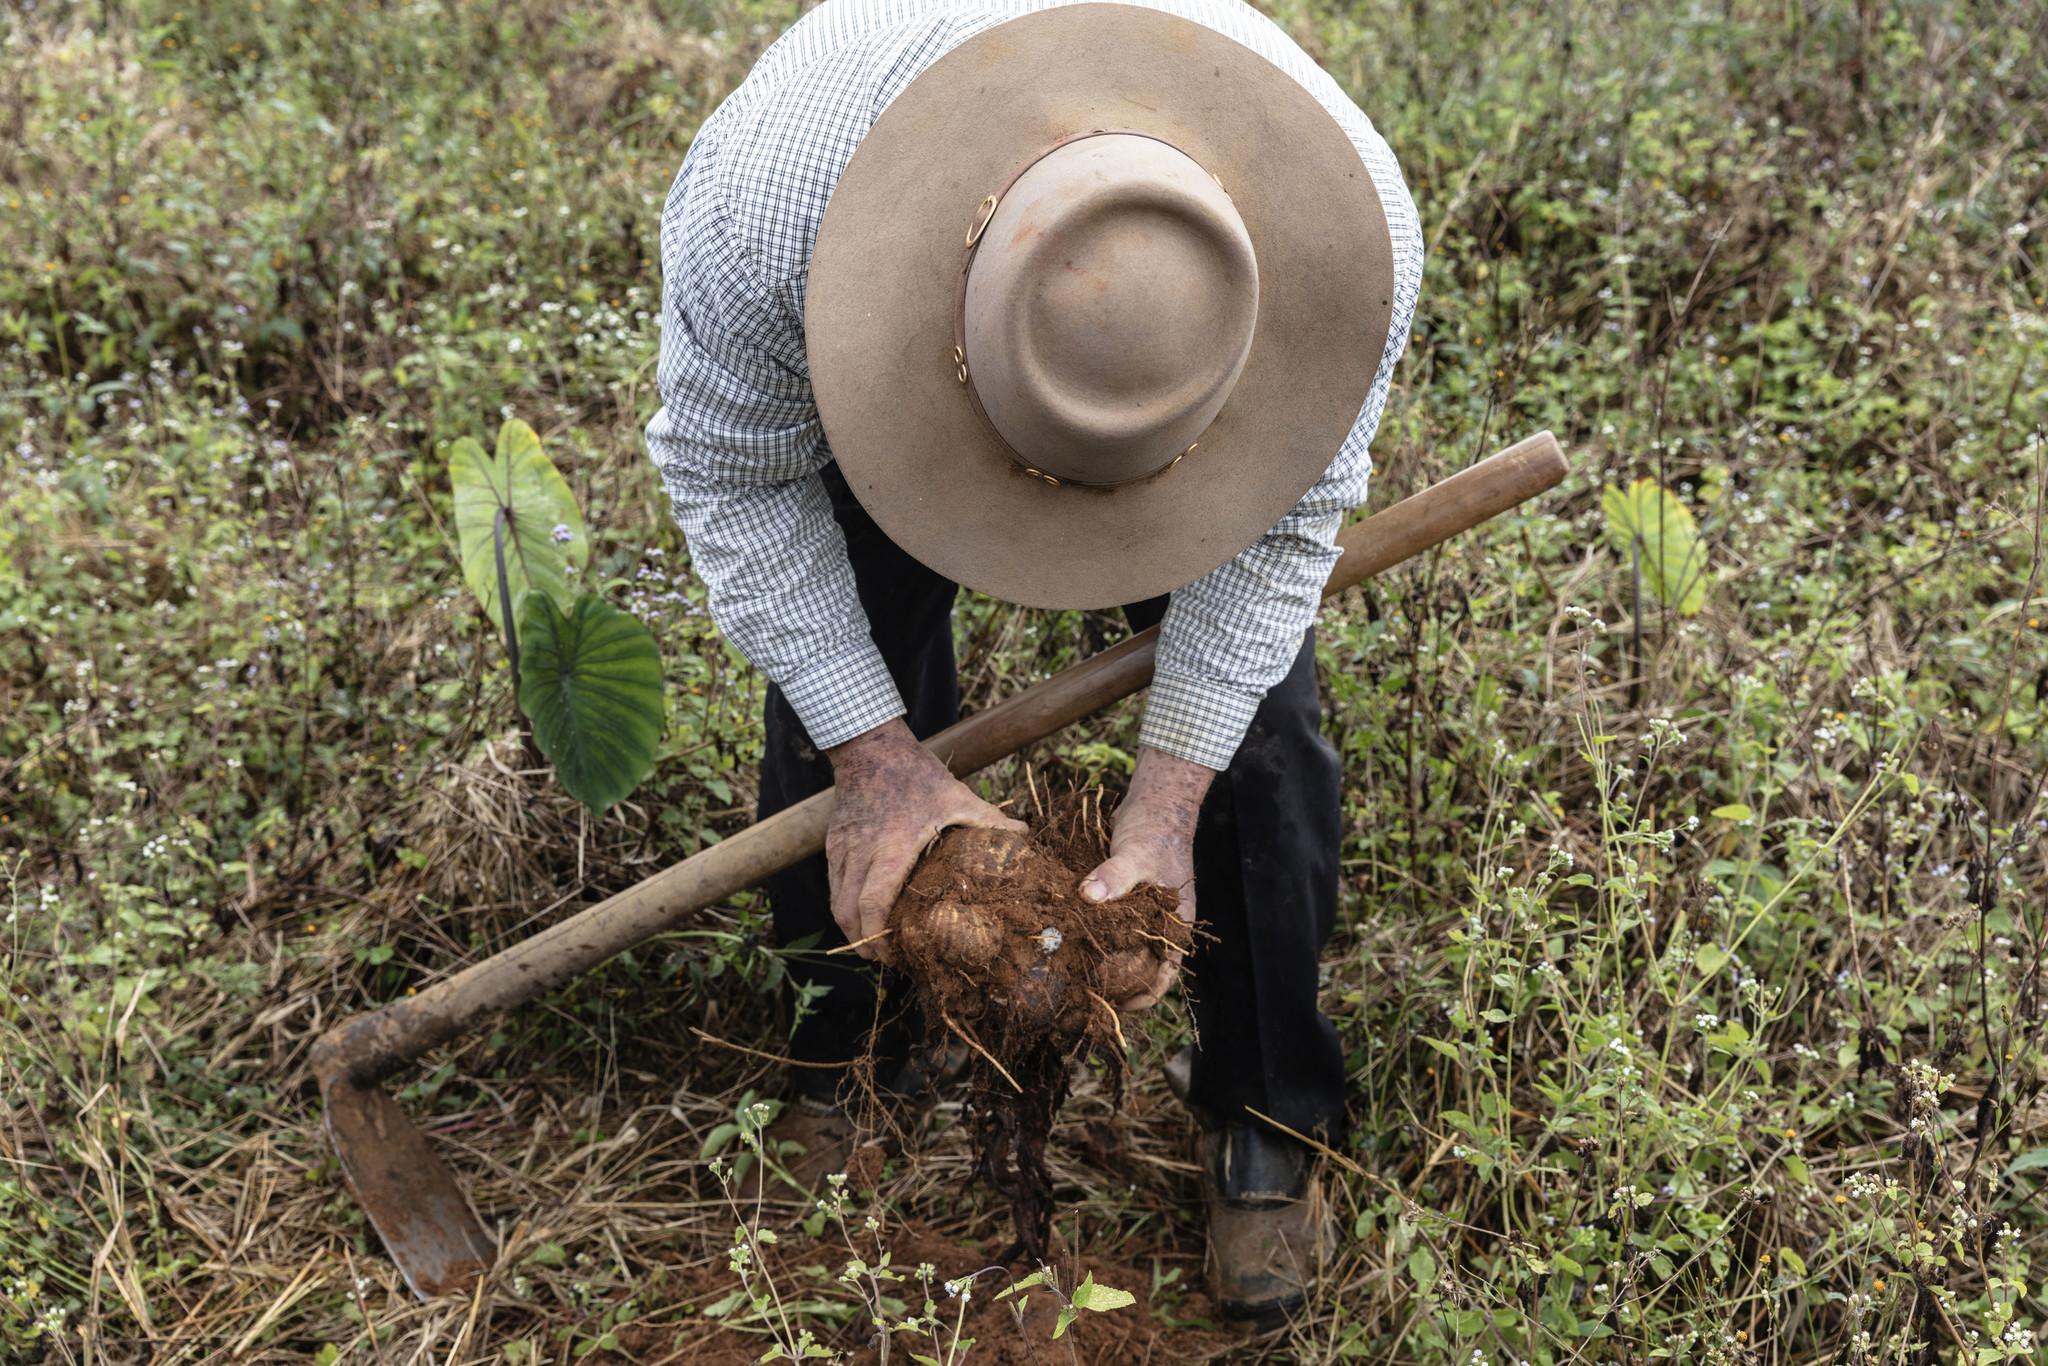 São Paulo, July 25th 2018, Joaquim dos Santos, 69, harvesting fresh organic yamm.